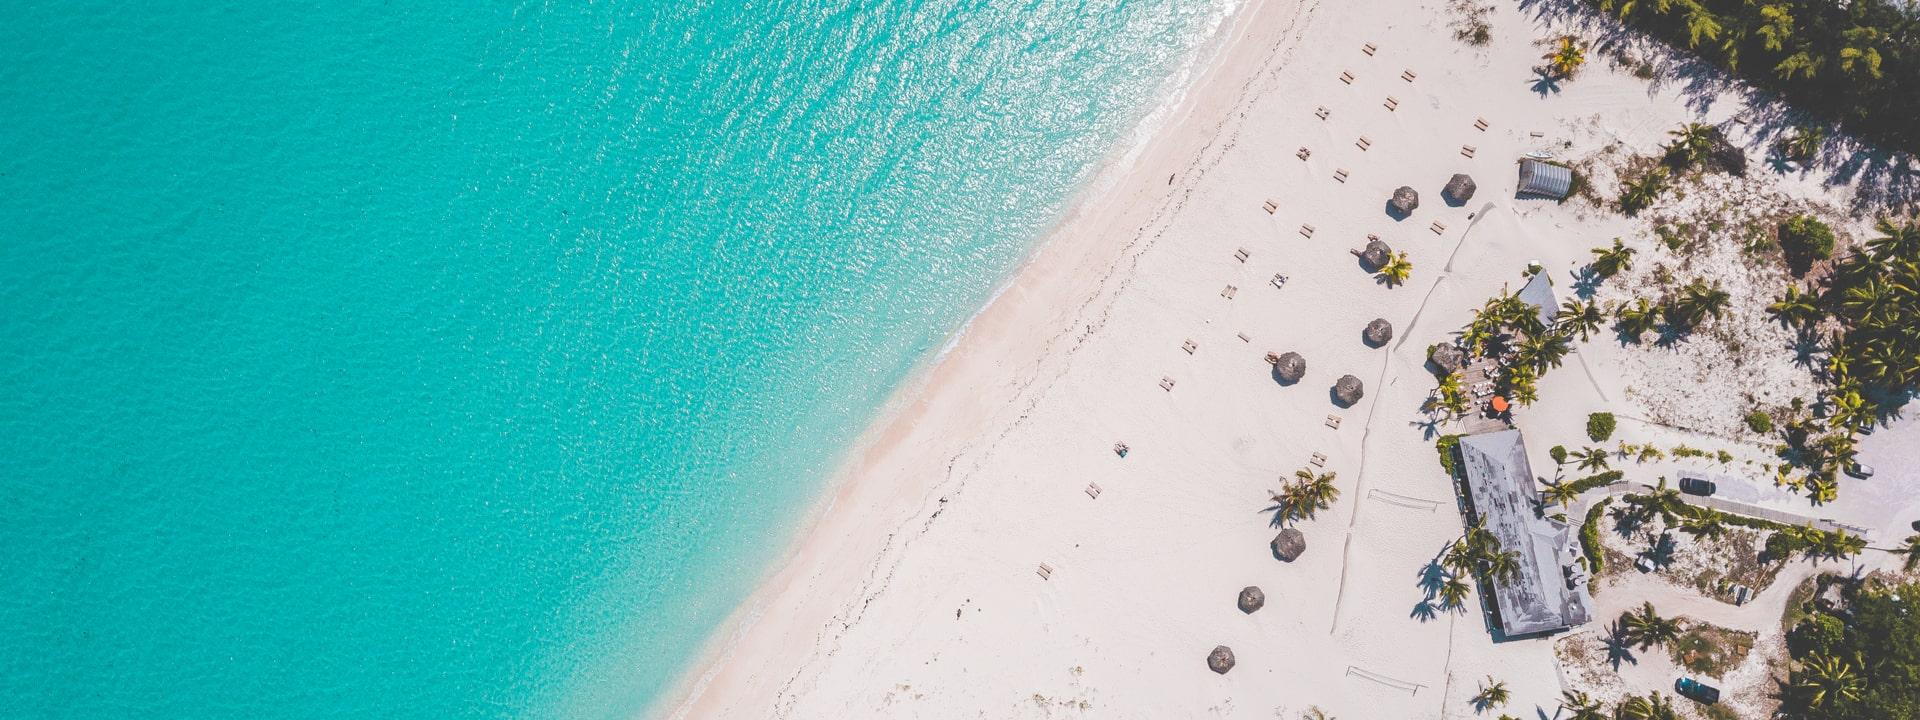 Holidays to Bahamas